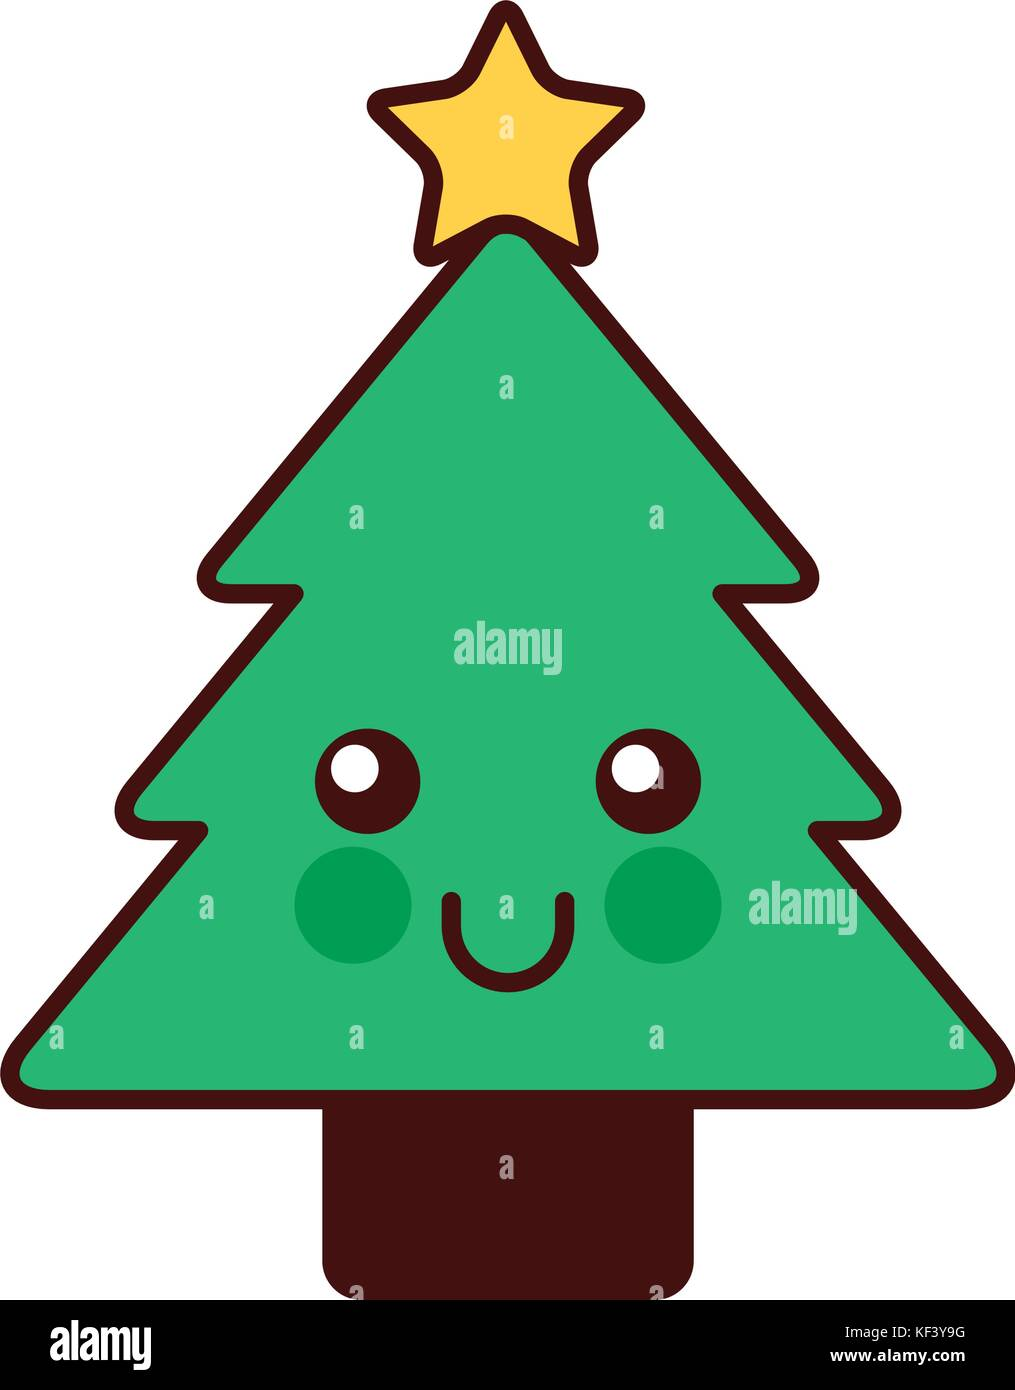 Weihnachtsbaum Comic.Kawaii Weihnachtsbaum Kiefer Dekoration Cartoon Vektor Abbildung